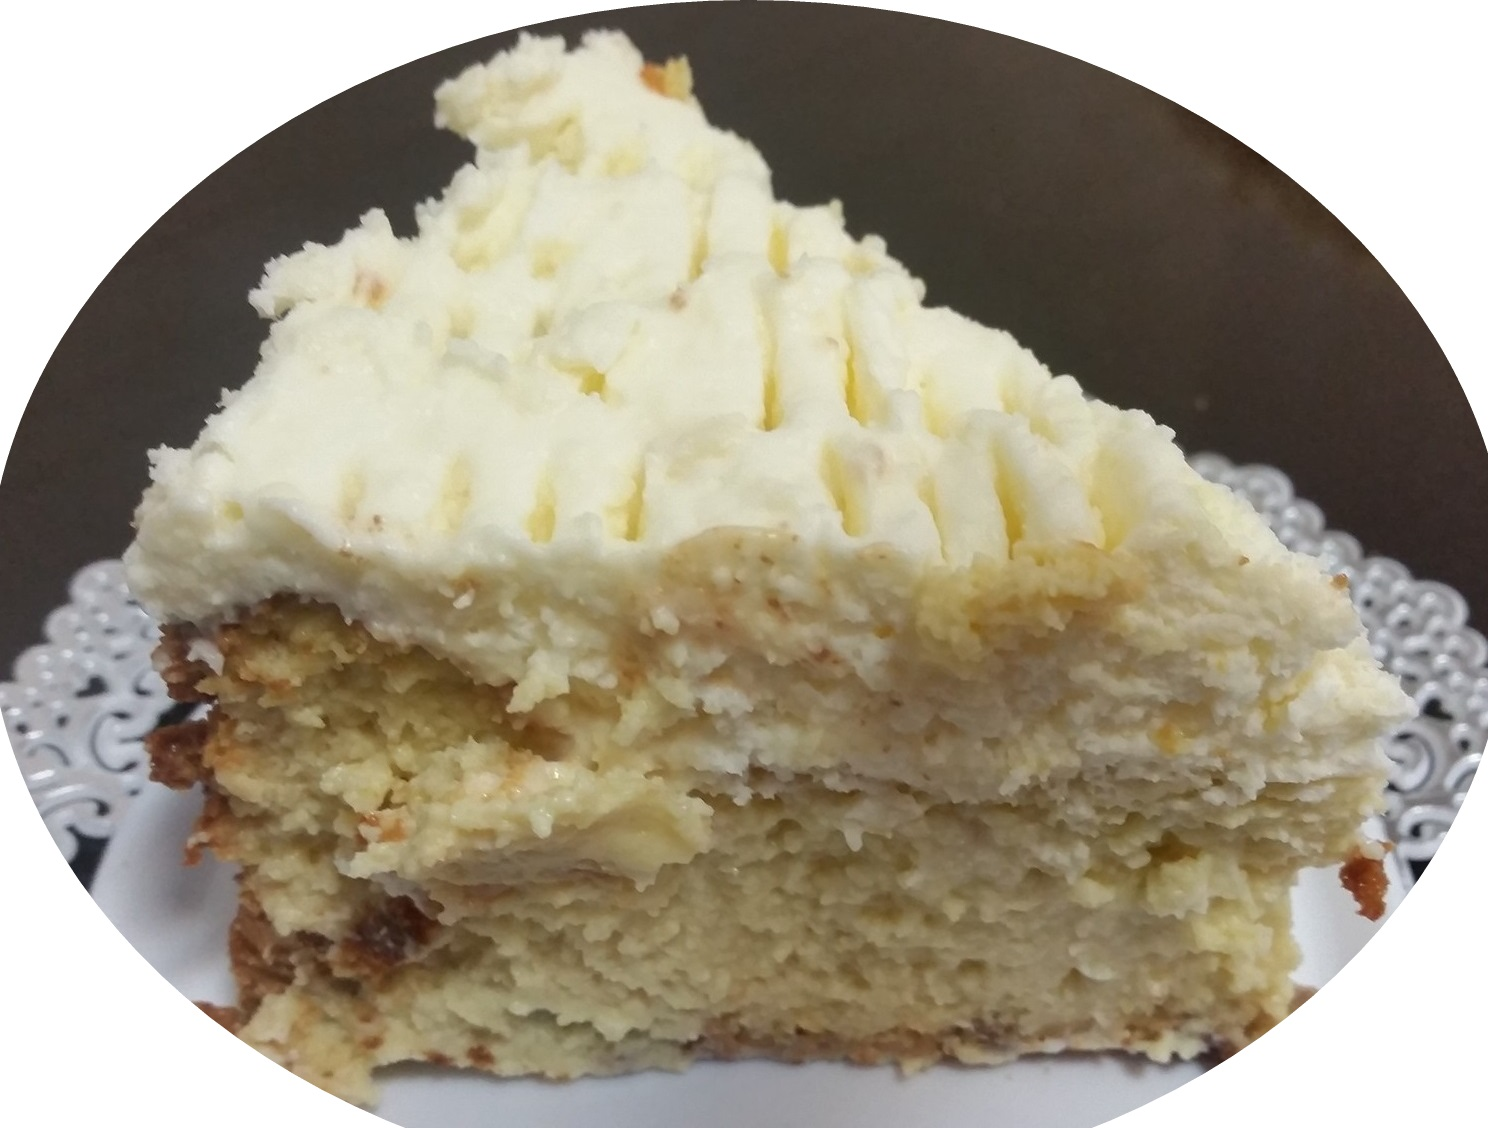 עוגת אבוקדו וגבינה עטופה בקצפת ושוקולד לבן